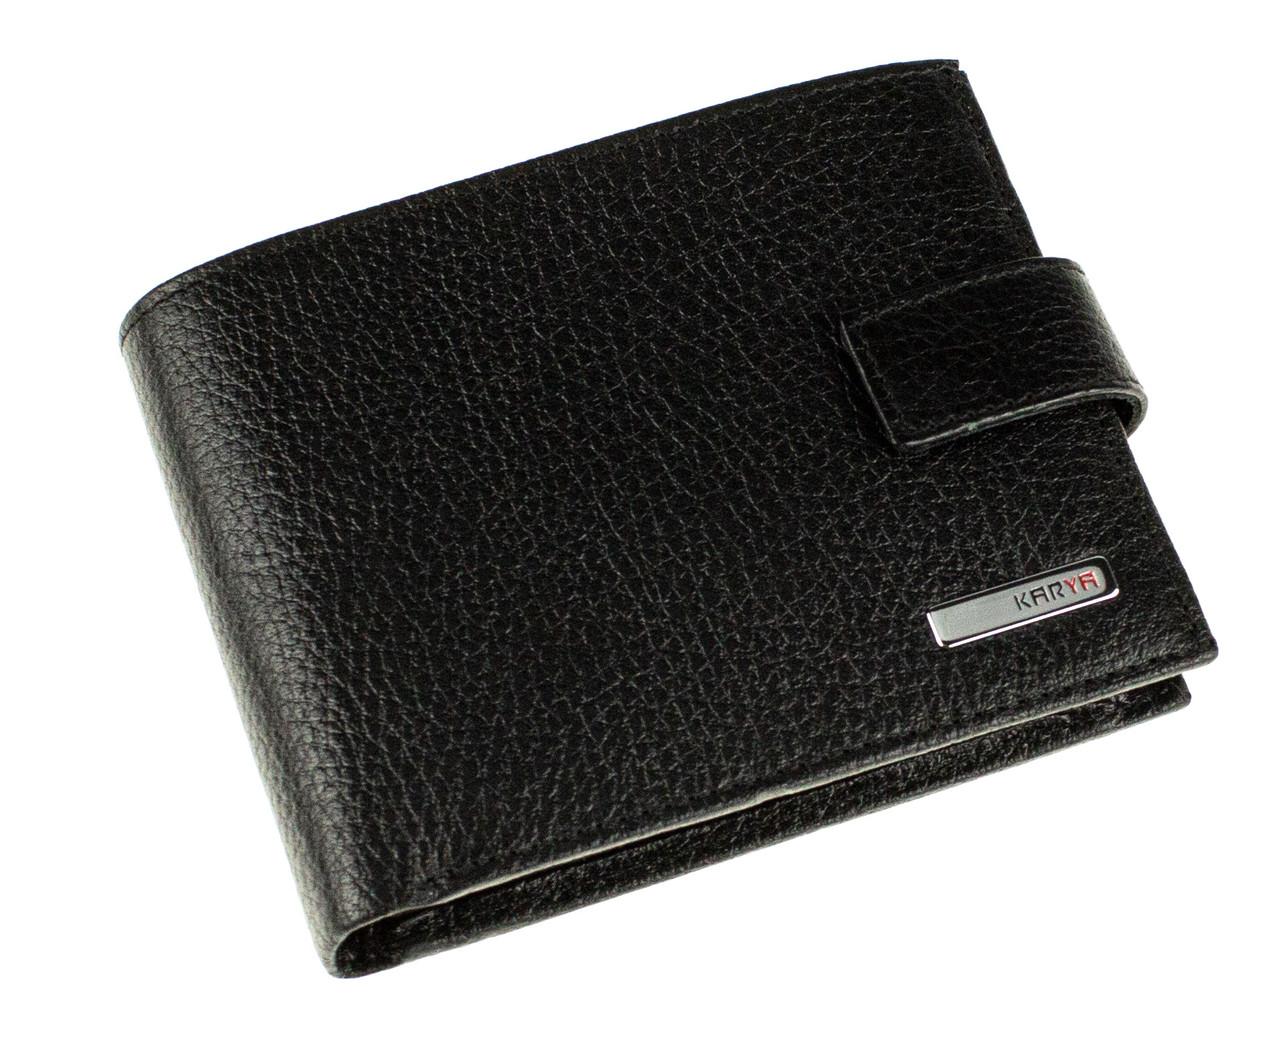 Мужской кошелек Karya 0464-45 кожаный черный